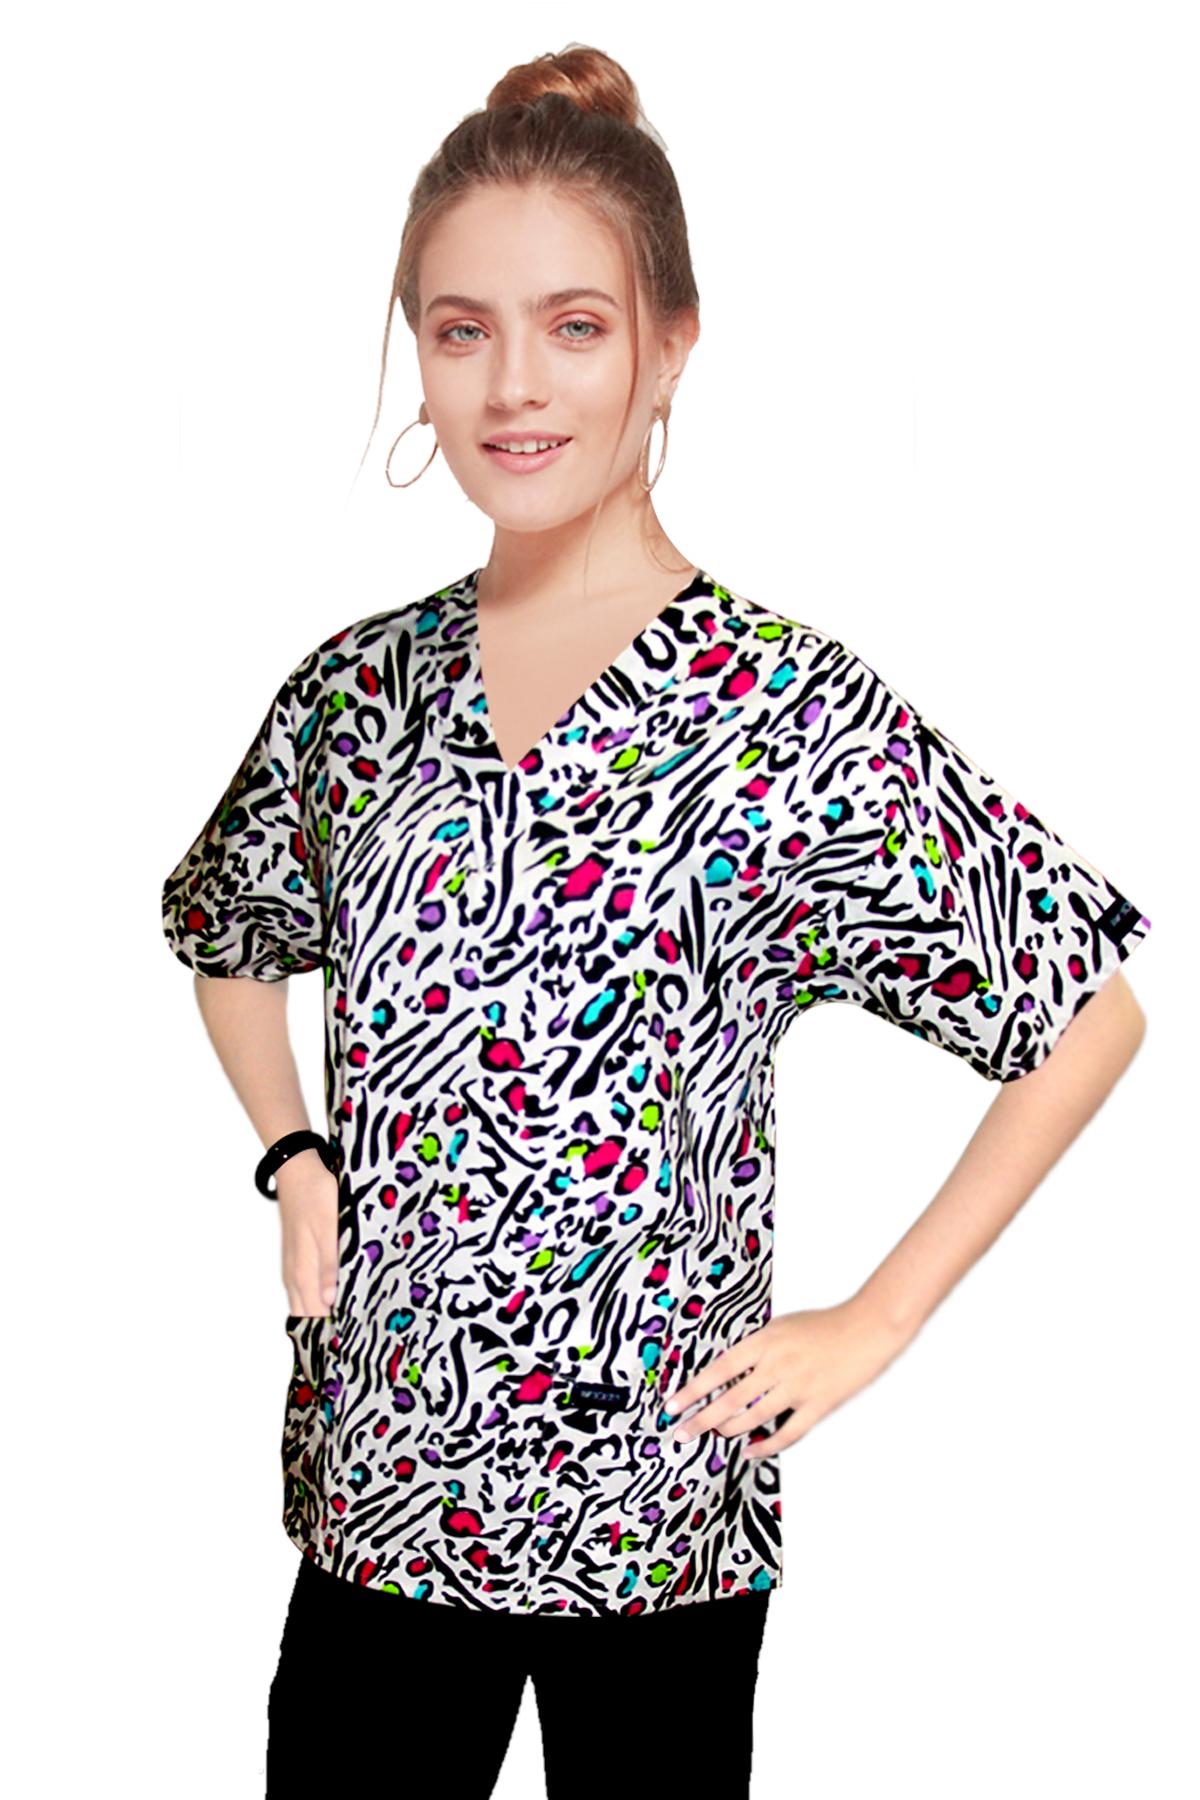 Printed scrub set 4 pocket ladies half sleeve in Leopard print (2 pocket top and 2 pocket pant)